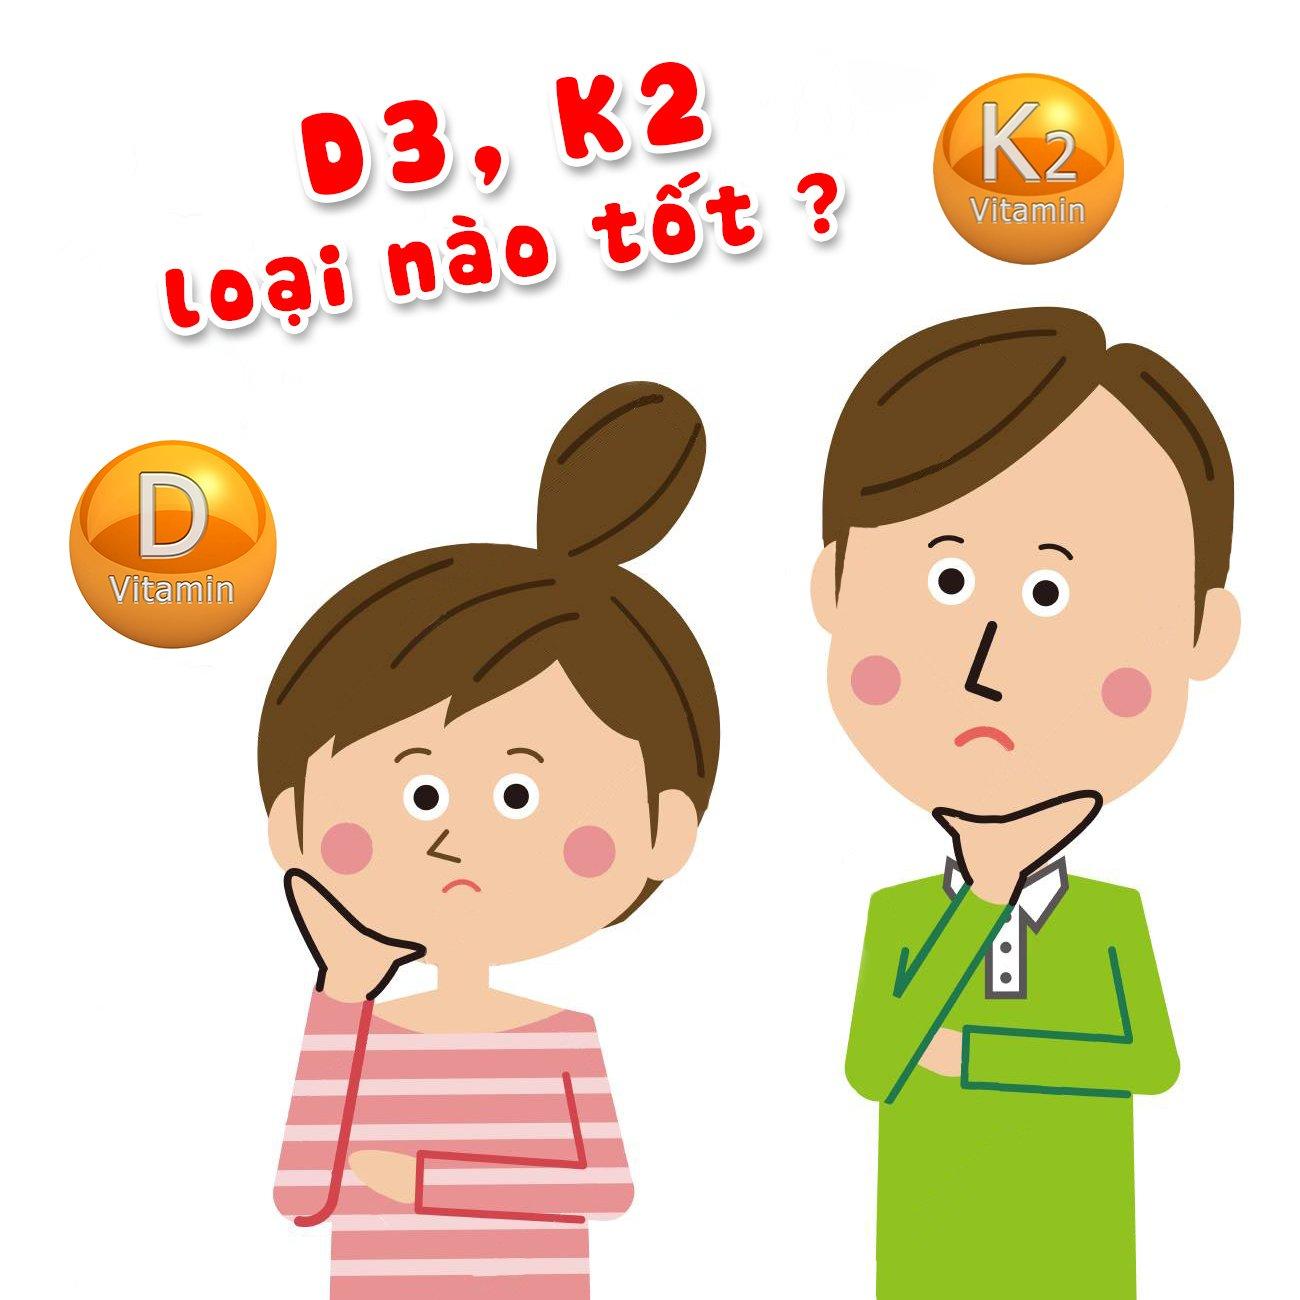 """5 """"tiêu chí vàng"""" lựa chọn Vitamin D3, K2 tốt nhất giúp trẻ tăng chiều cao hiệu quả - 1"""